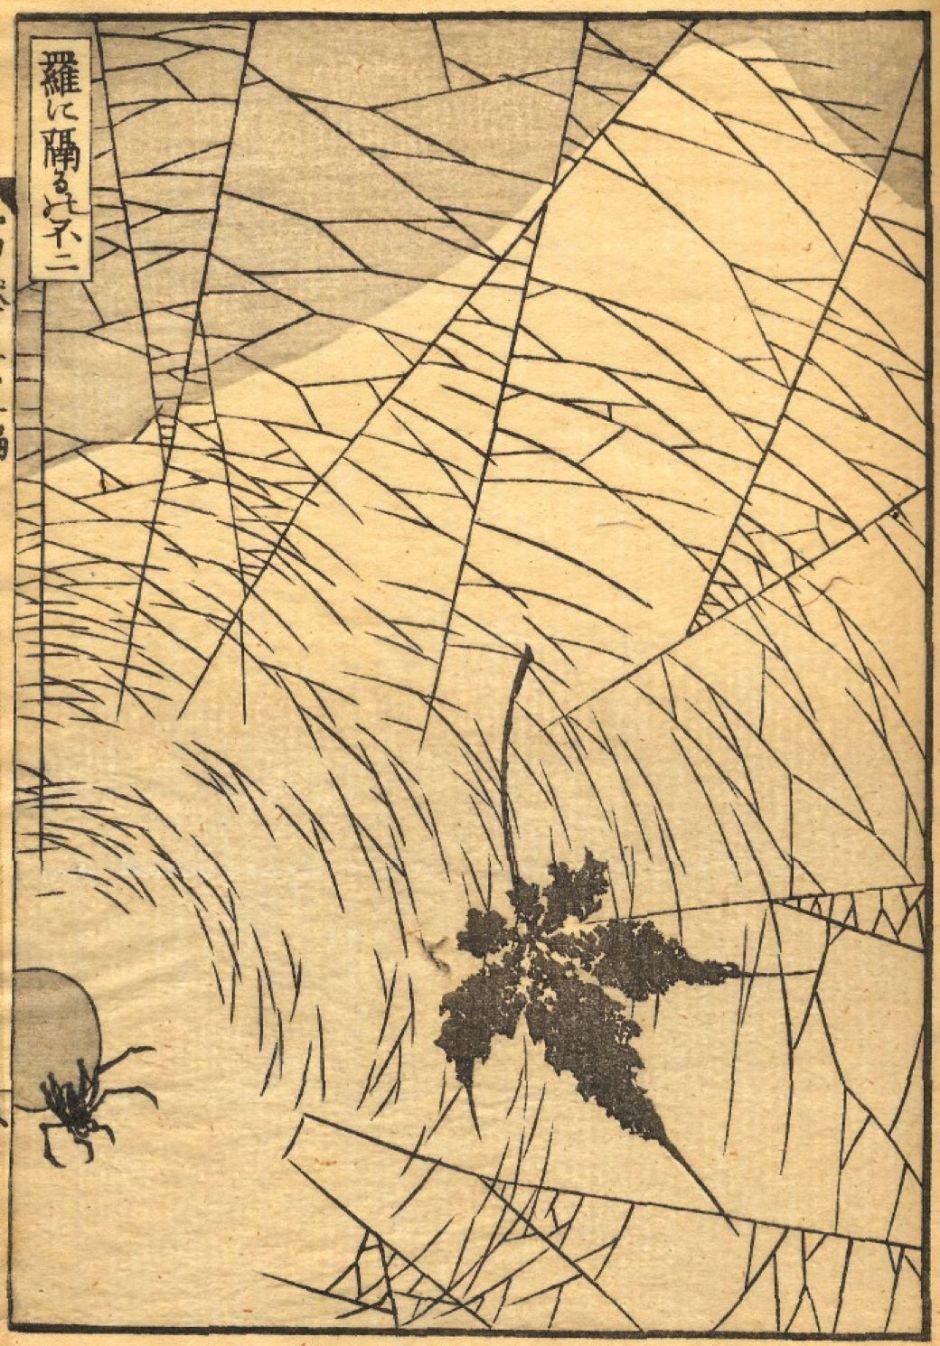 hokusaimtfujibehindspiderweb